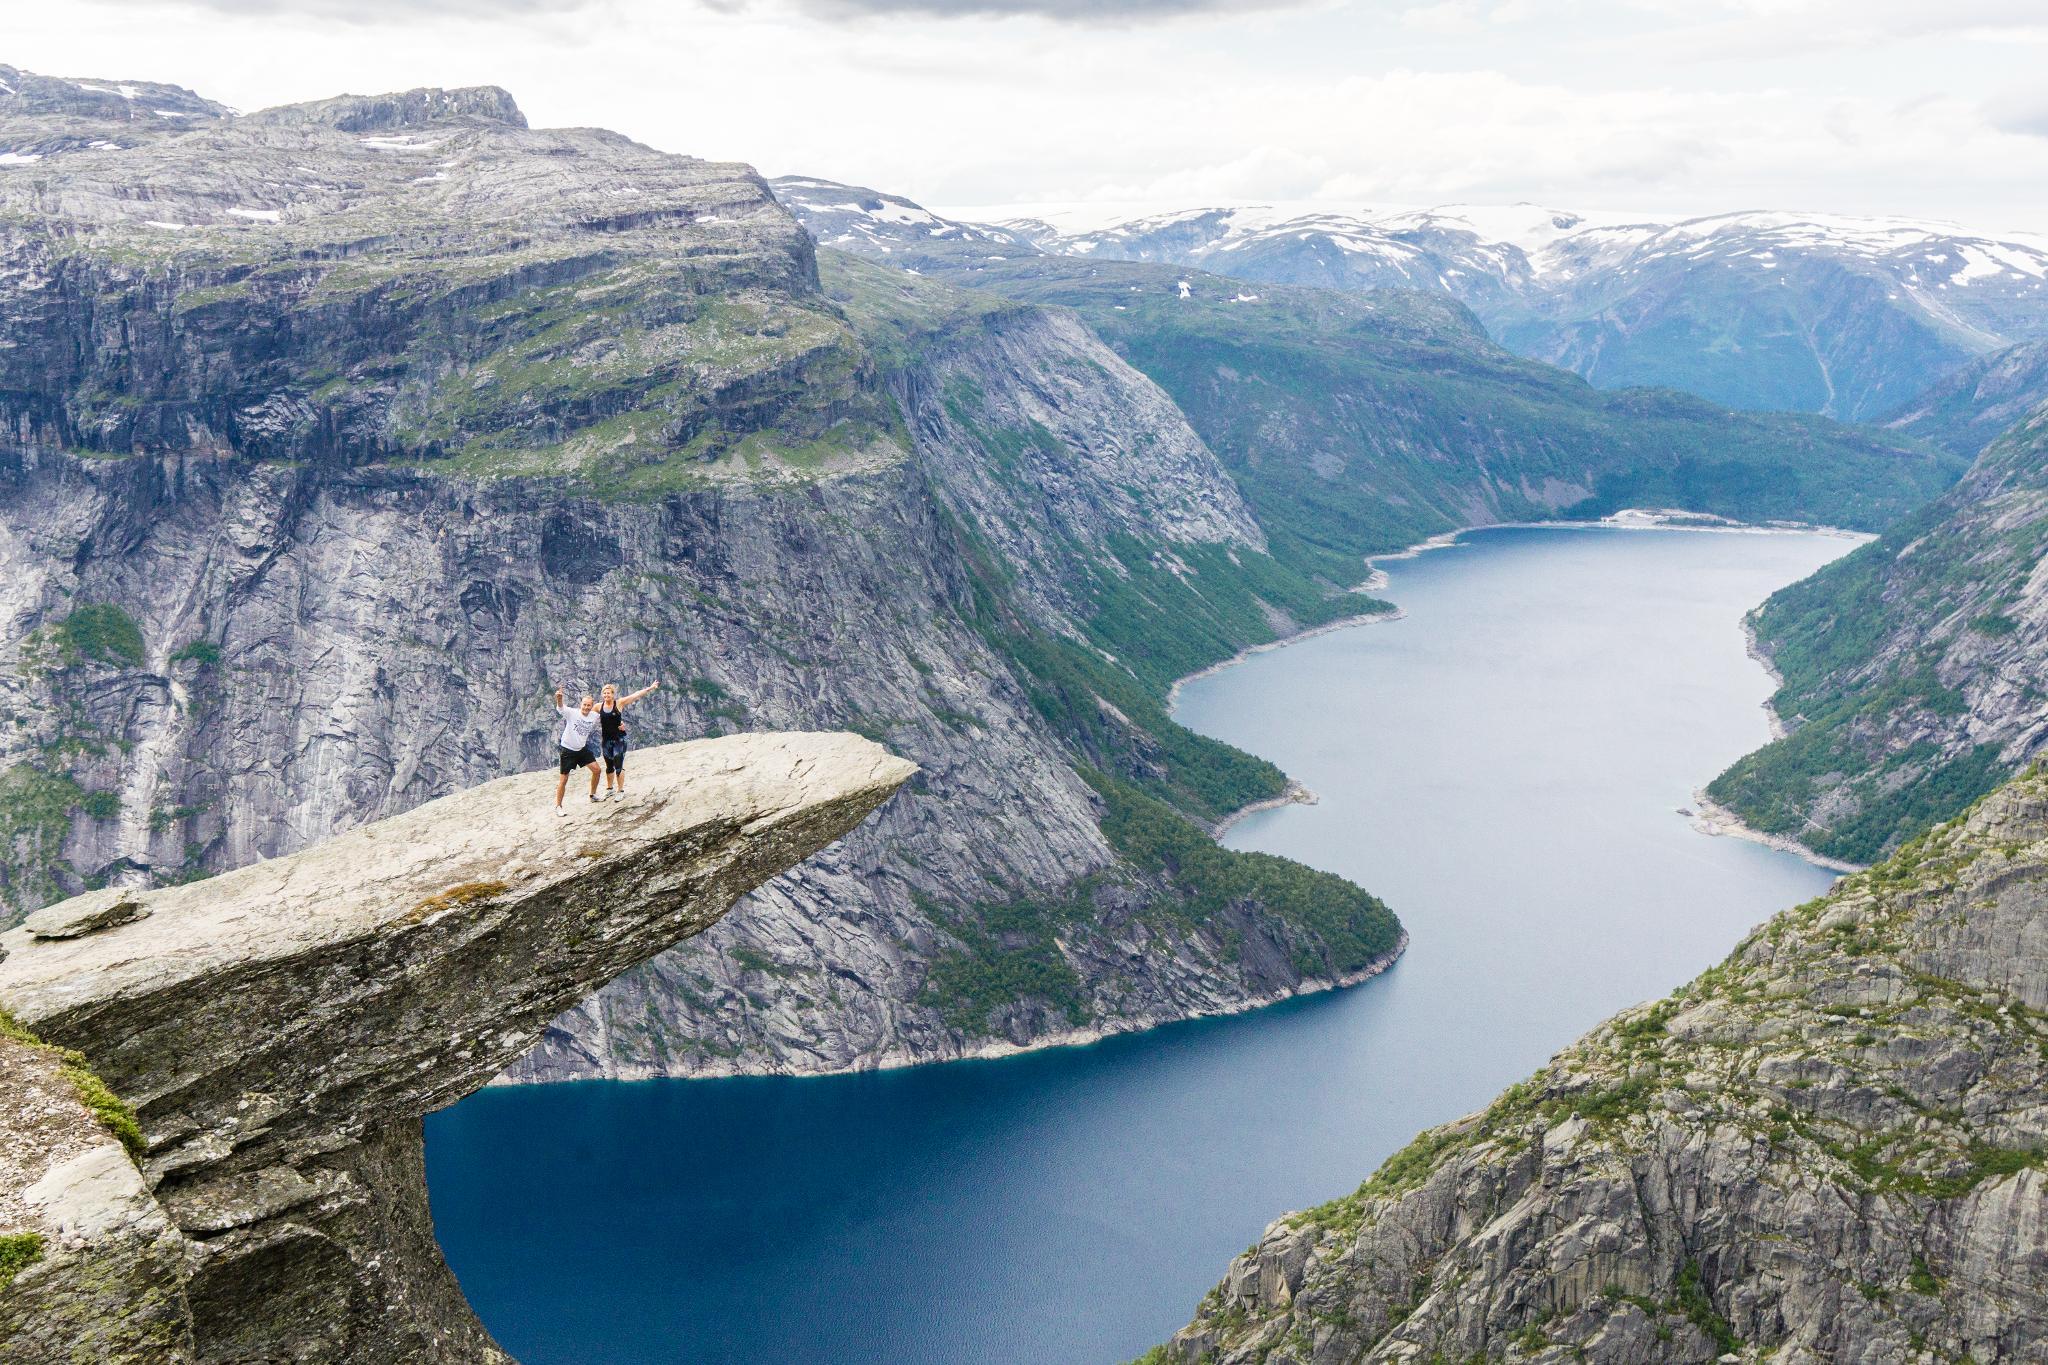 【北歐景點】挪威惡魔之舌 Trolltunga — 28公里健行挑戰全攻略 223